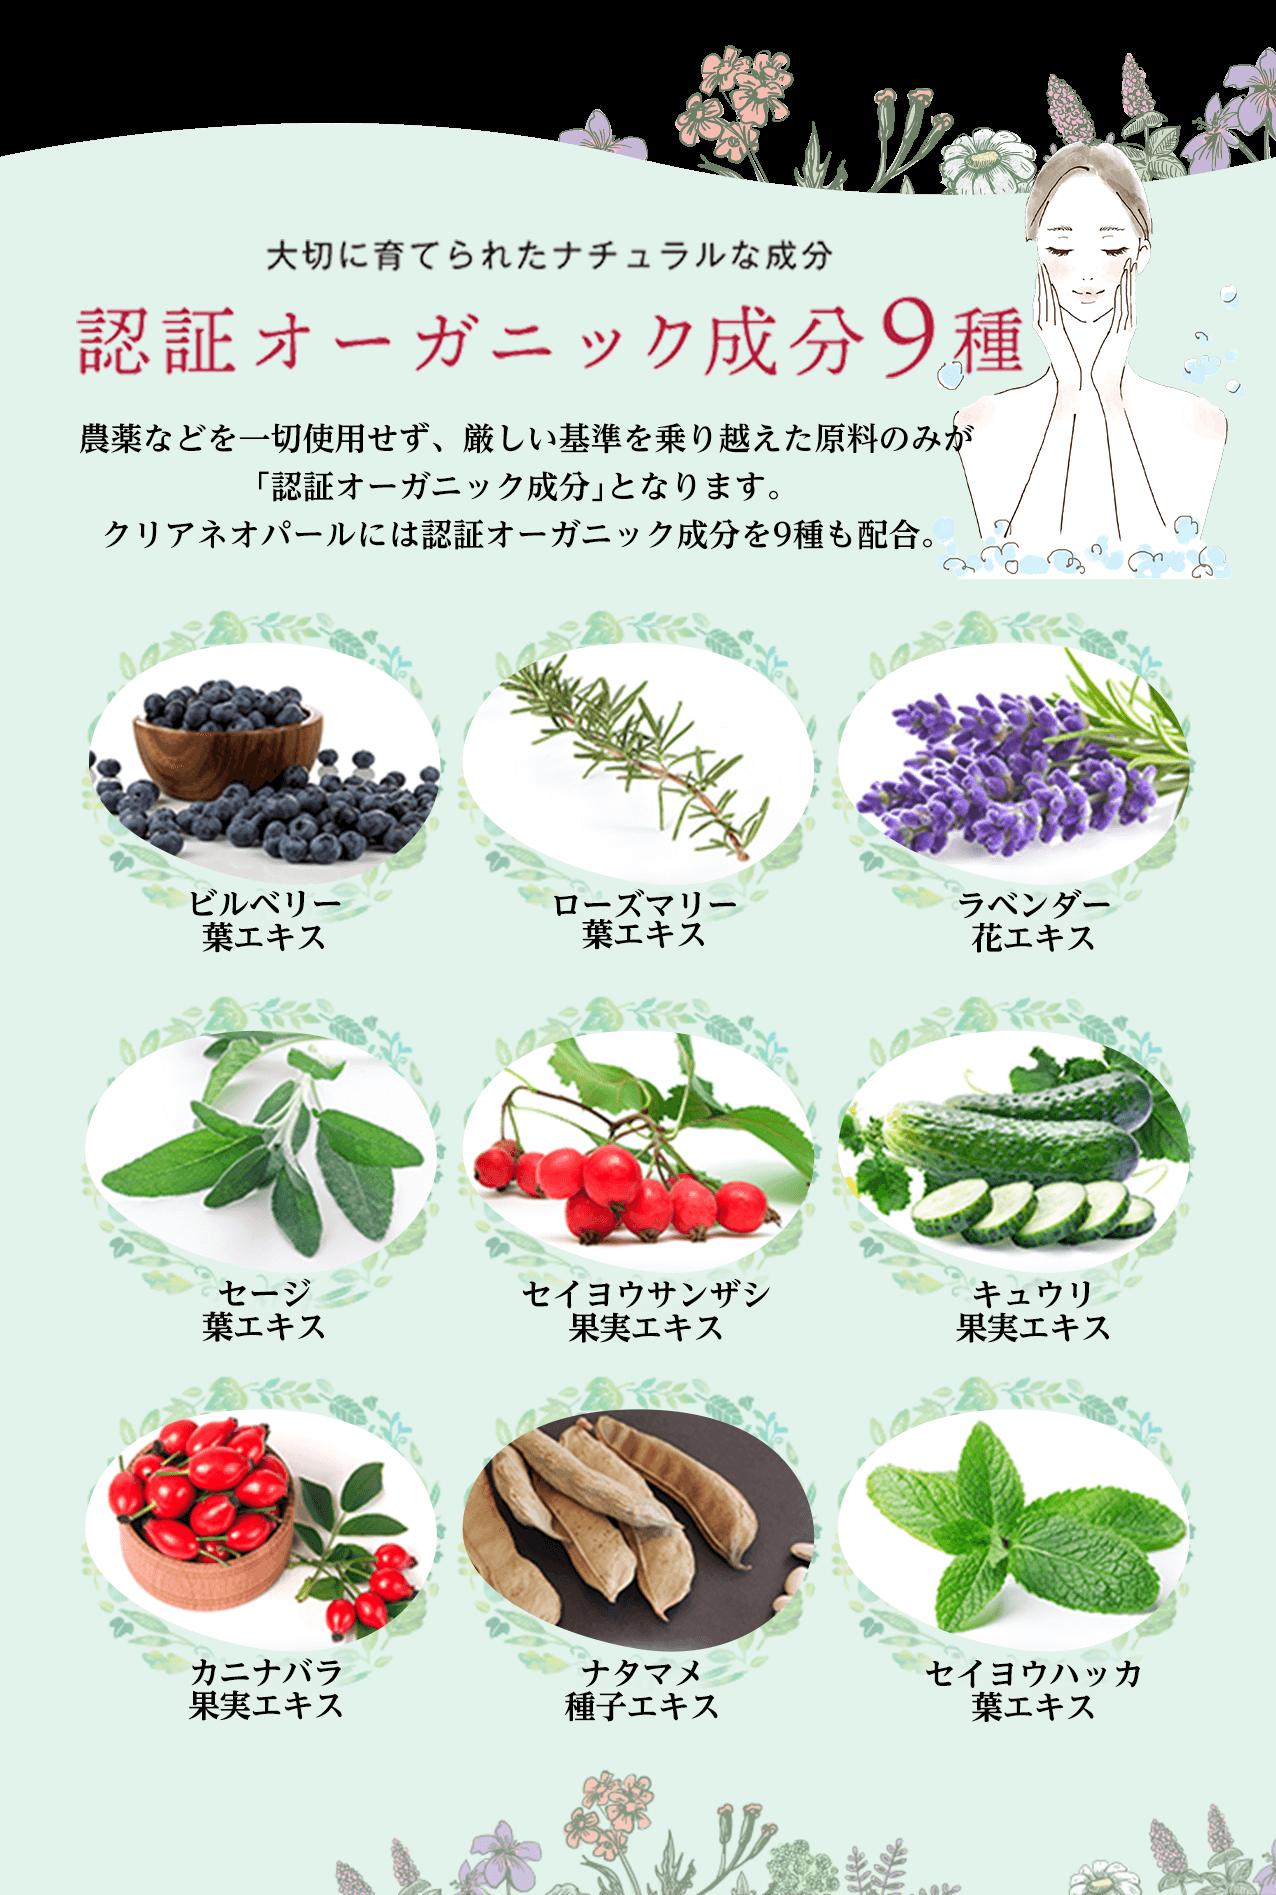 大切に育てられたナチュラルな成分認証オーガニック成分9種。農薬などを一切使用せず、厳しい基準を乗り越えた原料のみが認証オーガニック成分となります。クリアネオパールには認証オーガニック成分を9種も配合。ビルベリー葉エキス・ローズマリー葉エキス・ラベンダー花エキス・セージ葉エキス・セイヨウセンザシ果実エキス・キュウリ果実エキス・カニナバラ果実エキス・ナタマメ種エキス・セイヨウハッカ葉エキス